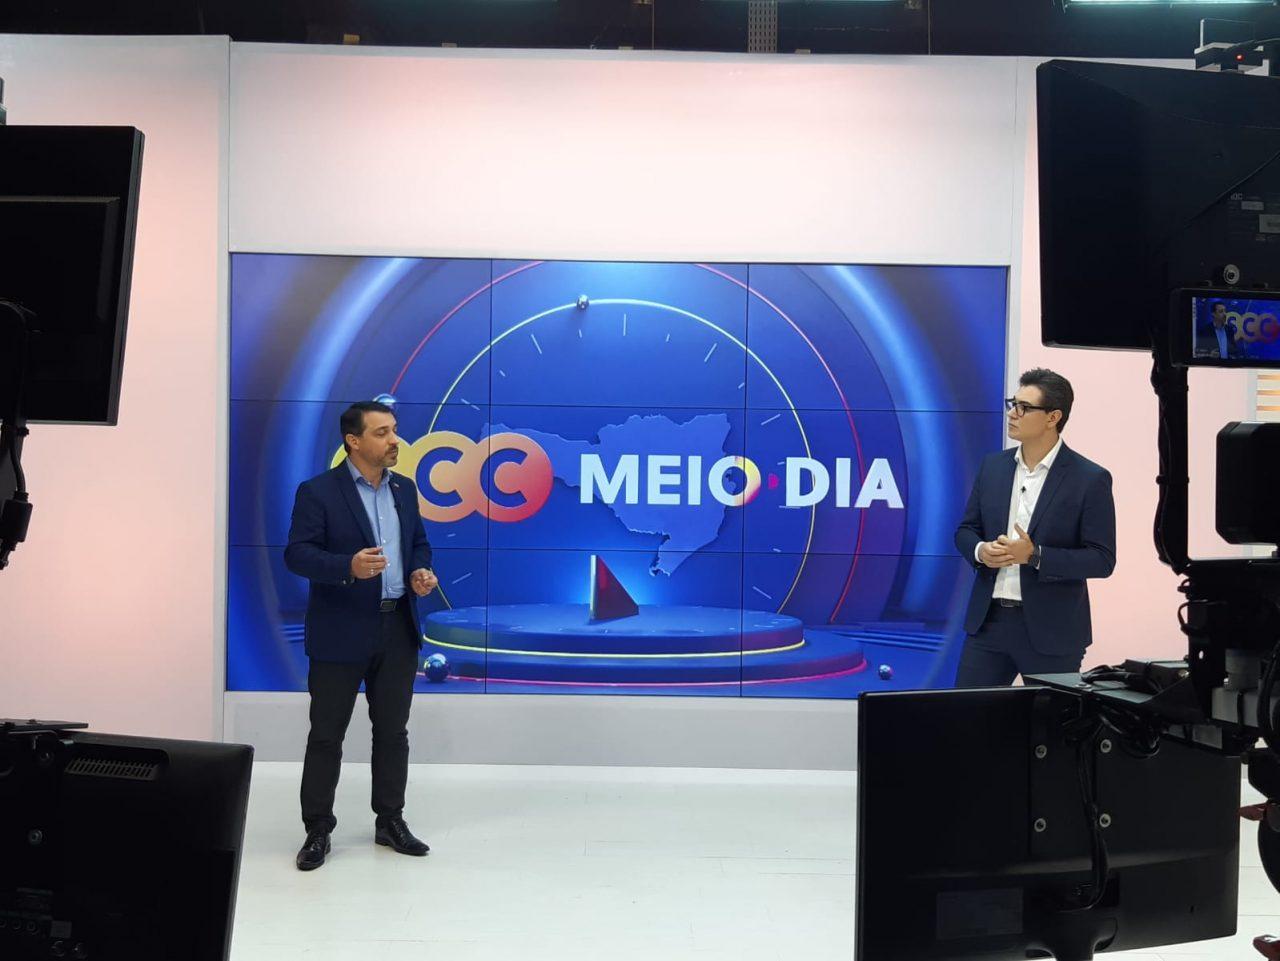 Entrevista Carlos Moisés no SCC Meio-Dia